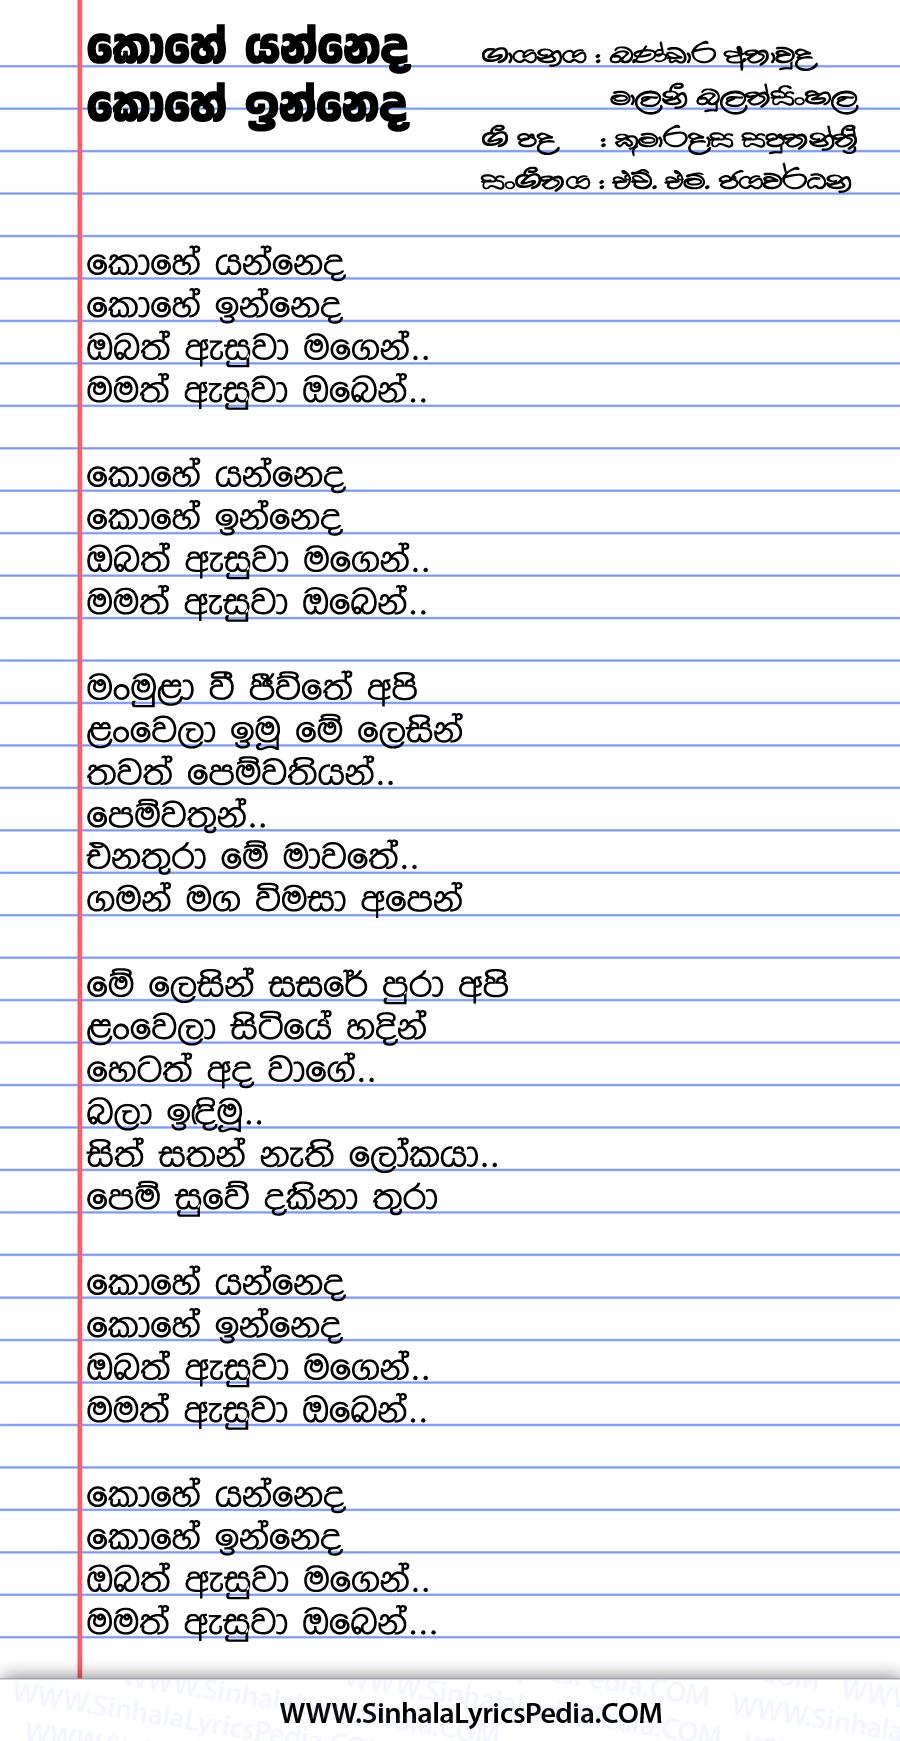 Kohe Yanneda Kohe Inneda Song Lyrics